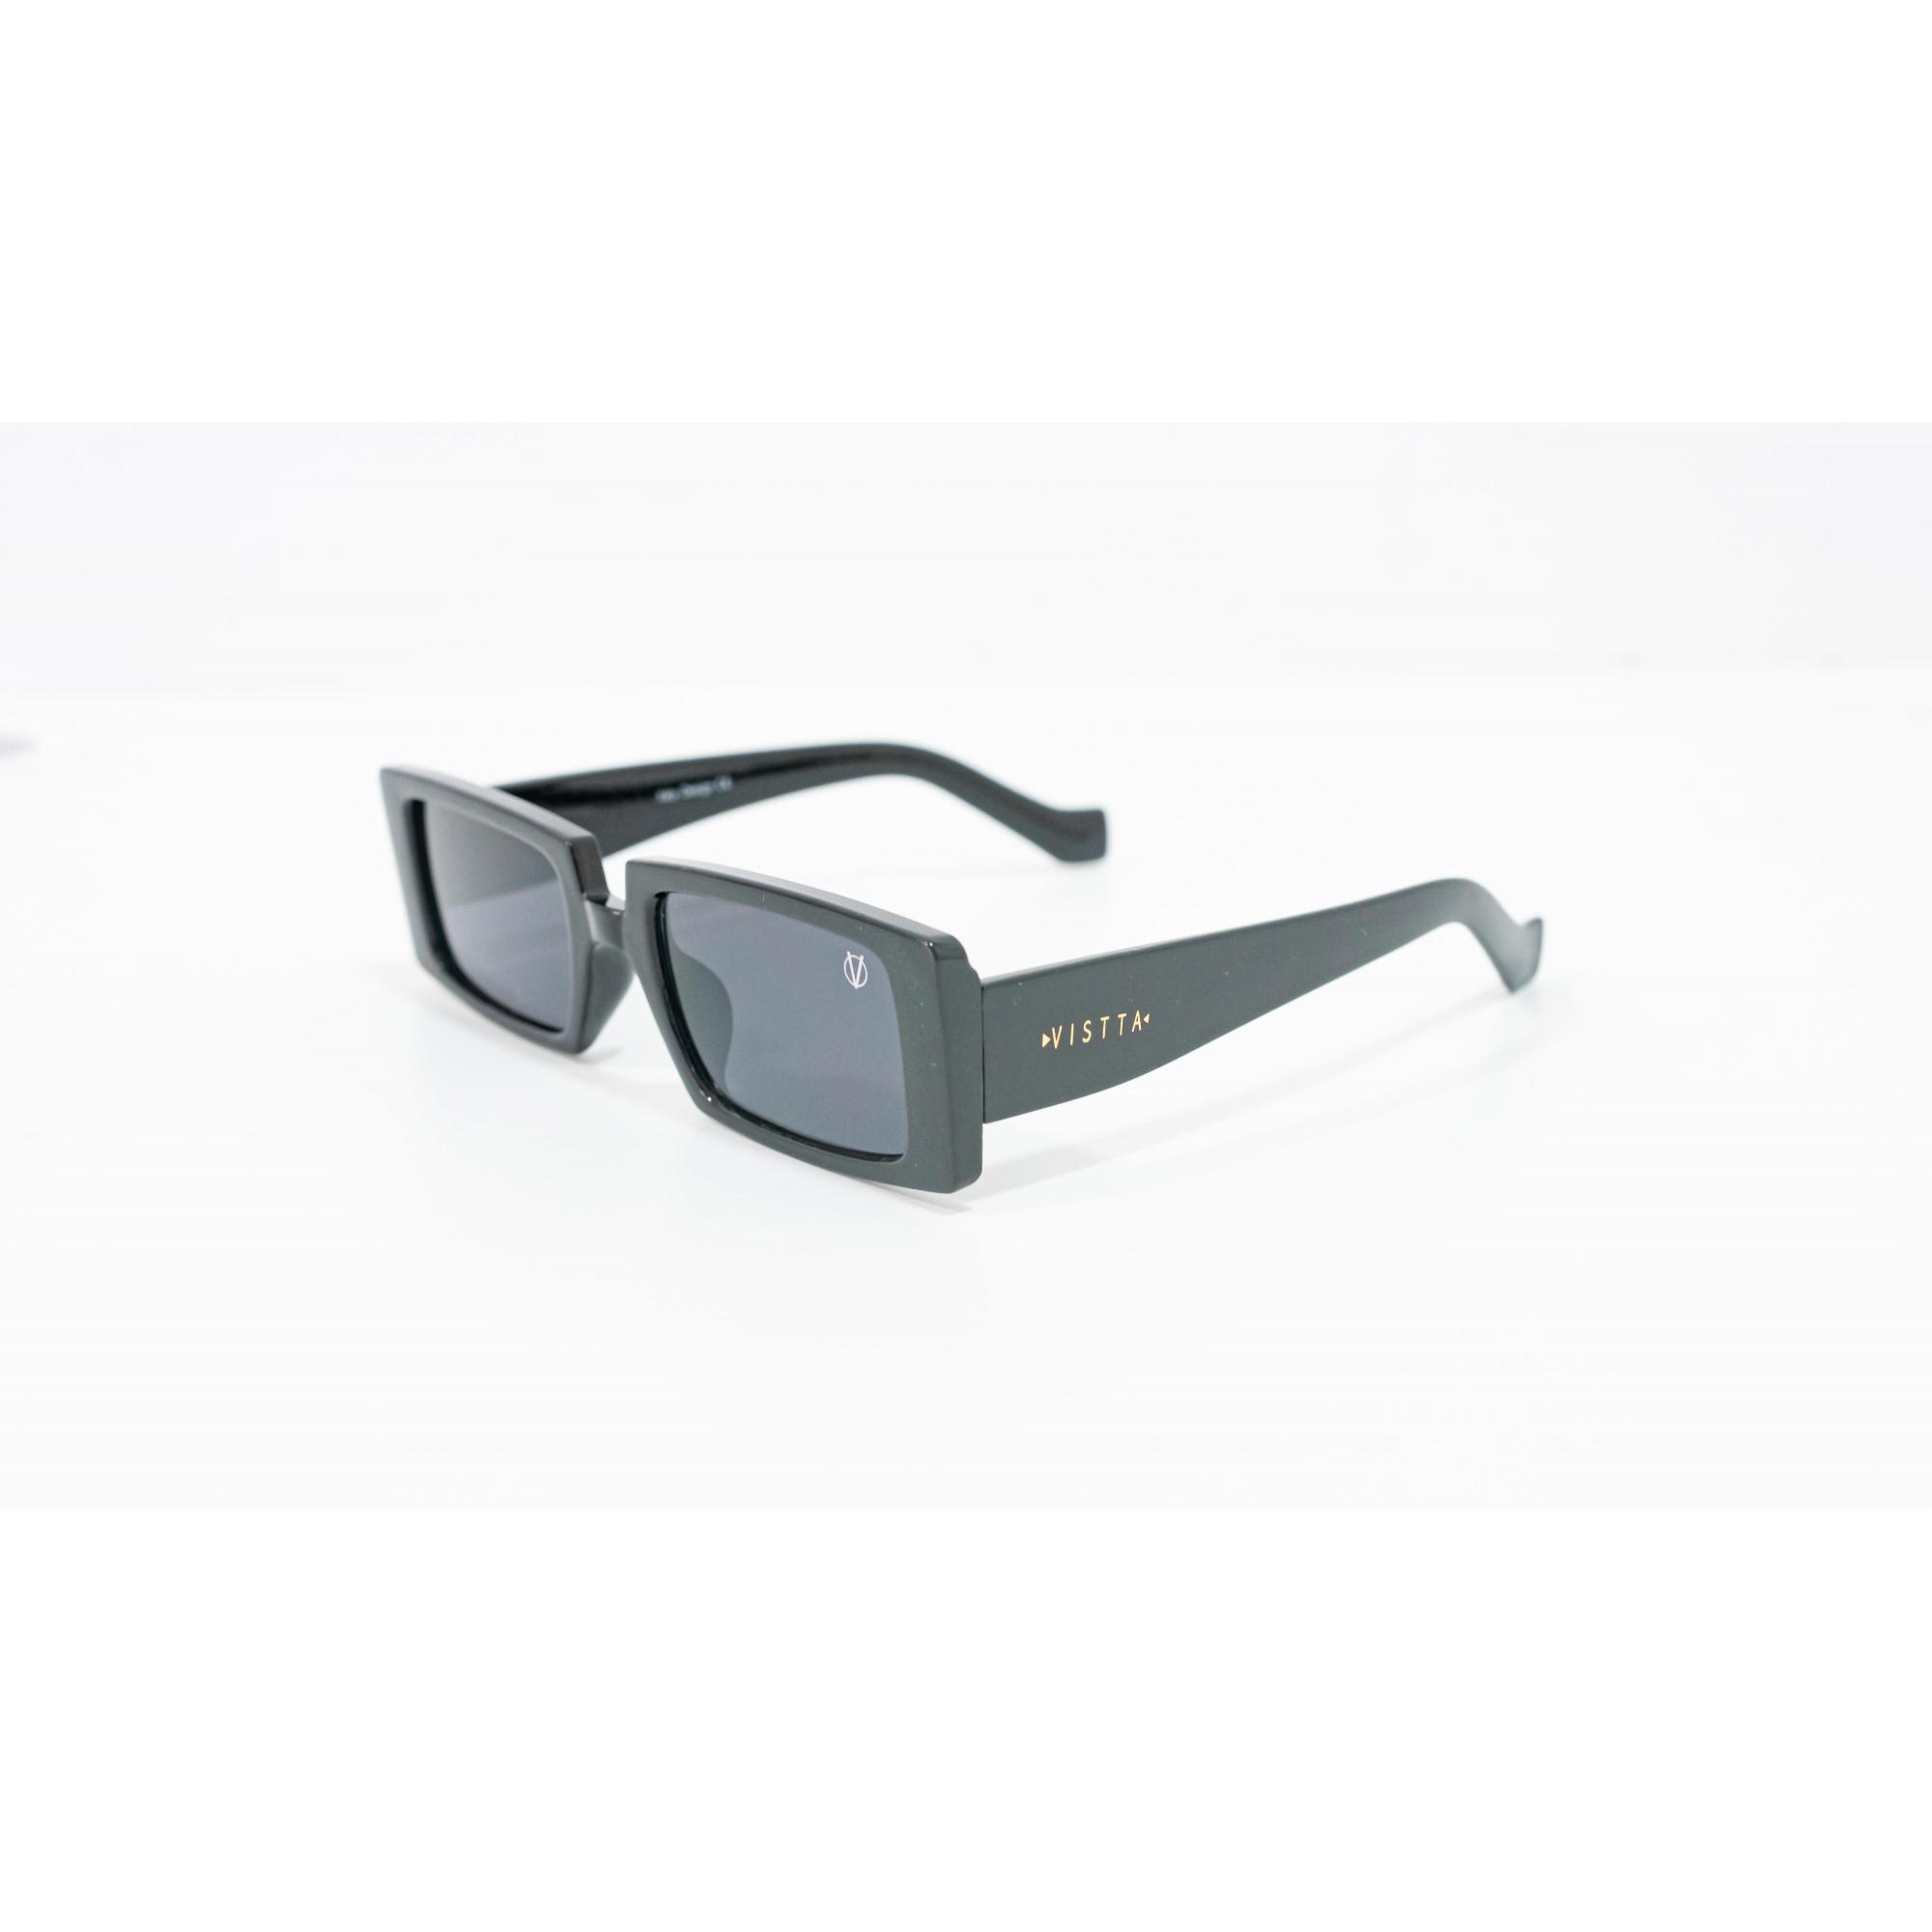 Óculos Vistta Aping Retangular LQ9007 C1 60 Preto